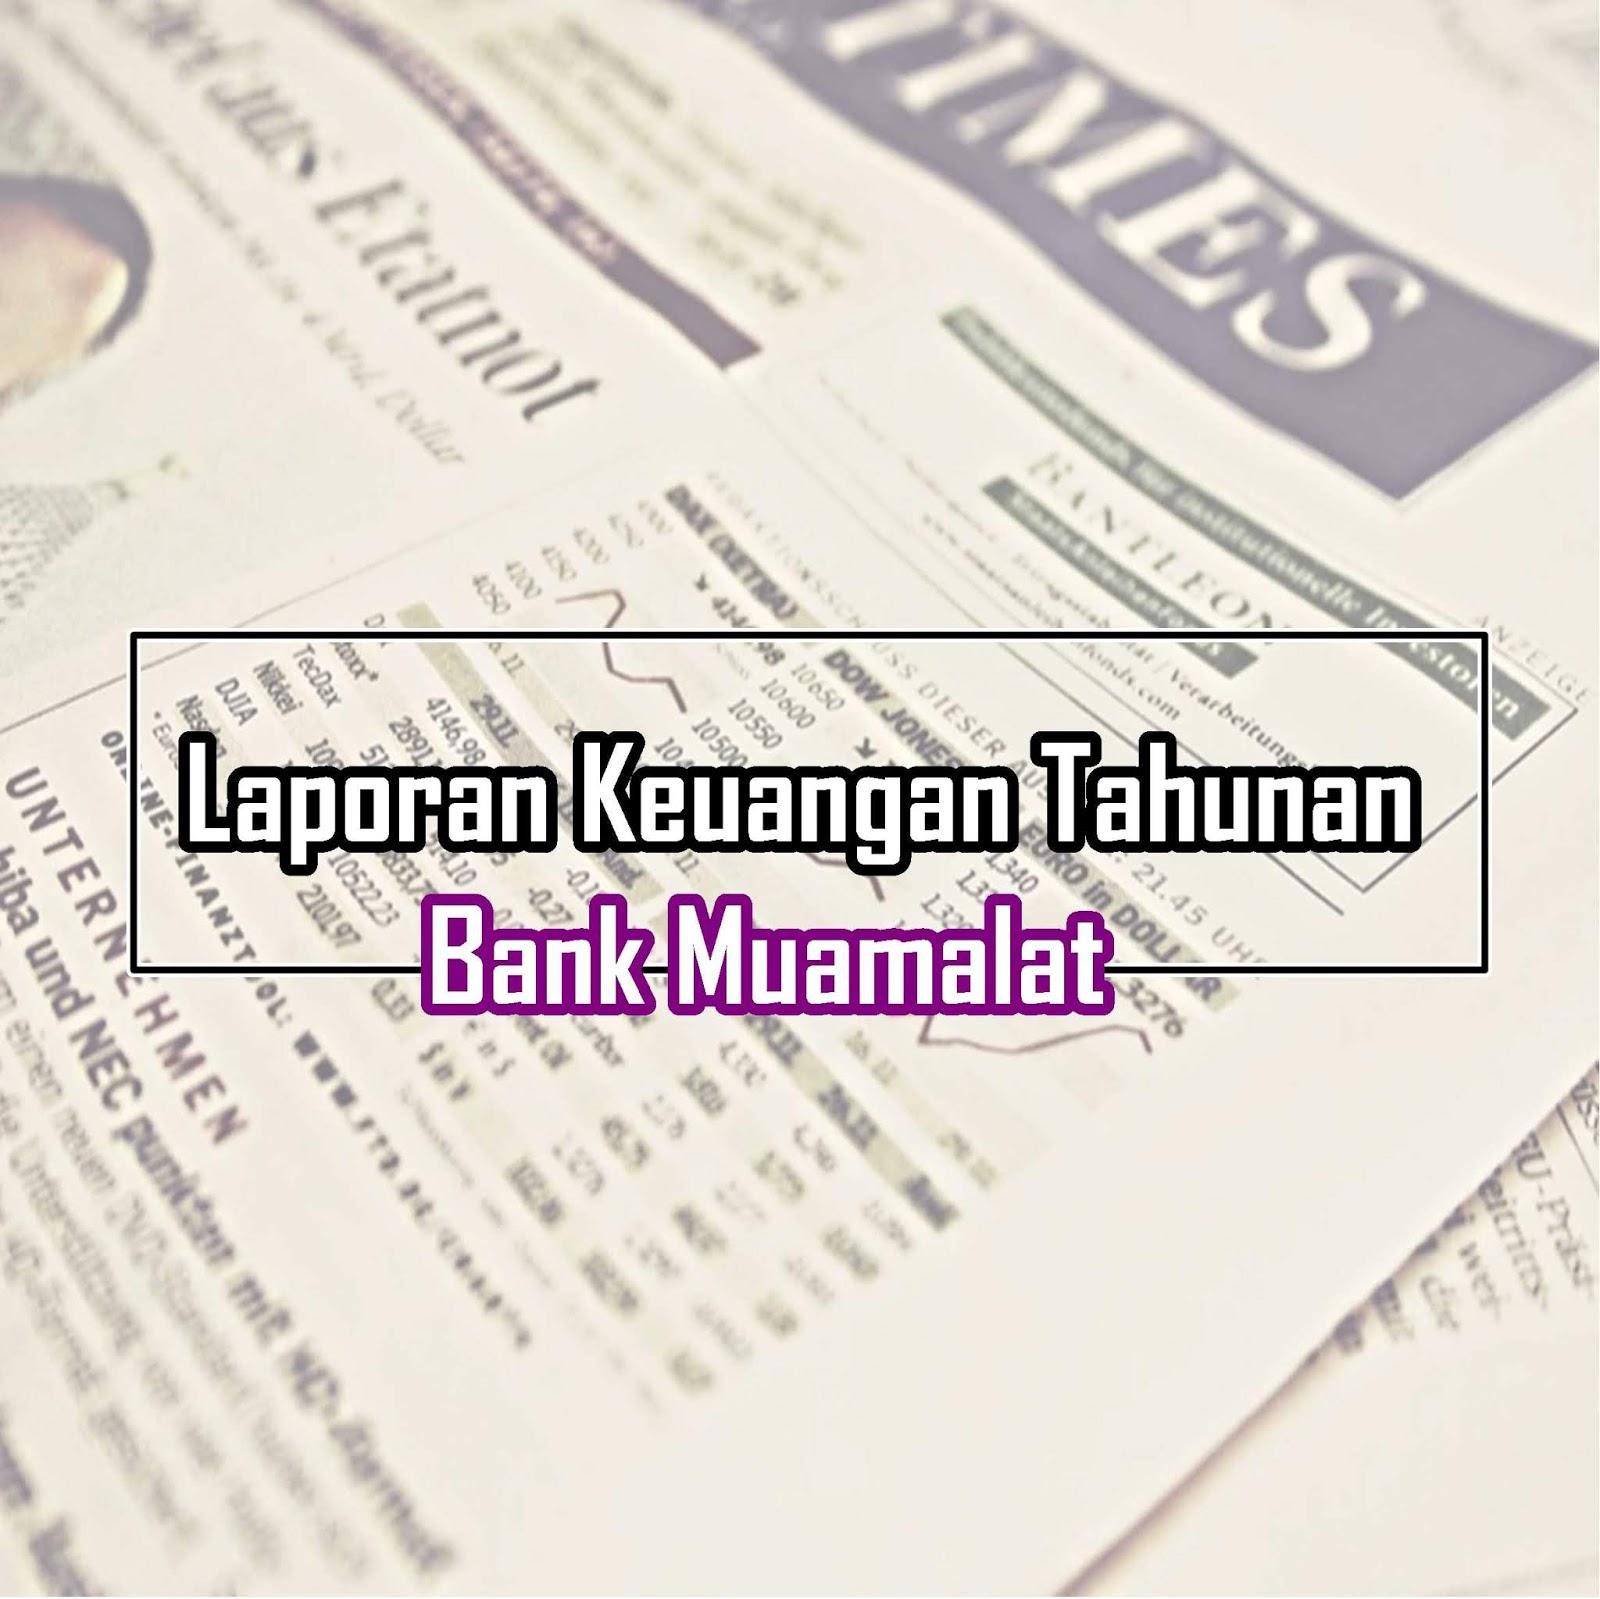 Download Laporan Keuangan Tahunan Bank Muamalat Dan Rasio Keuangan Edusaham